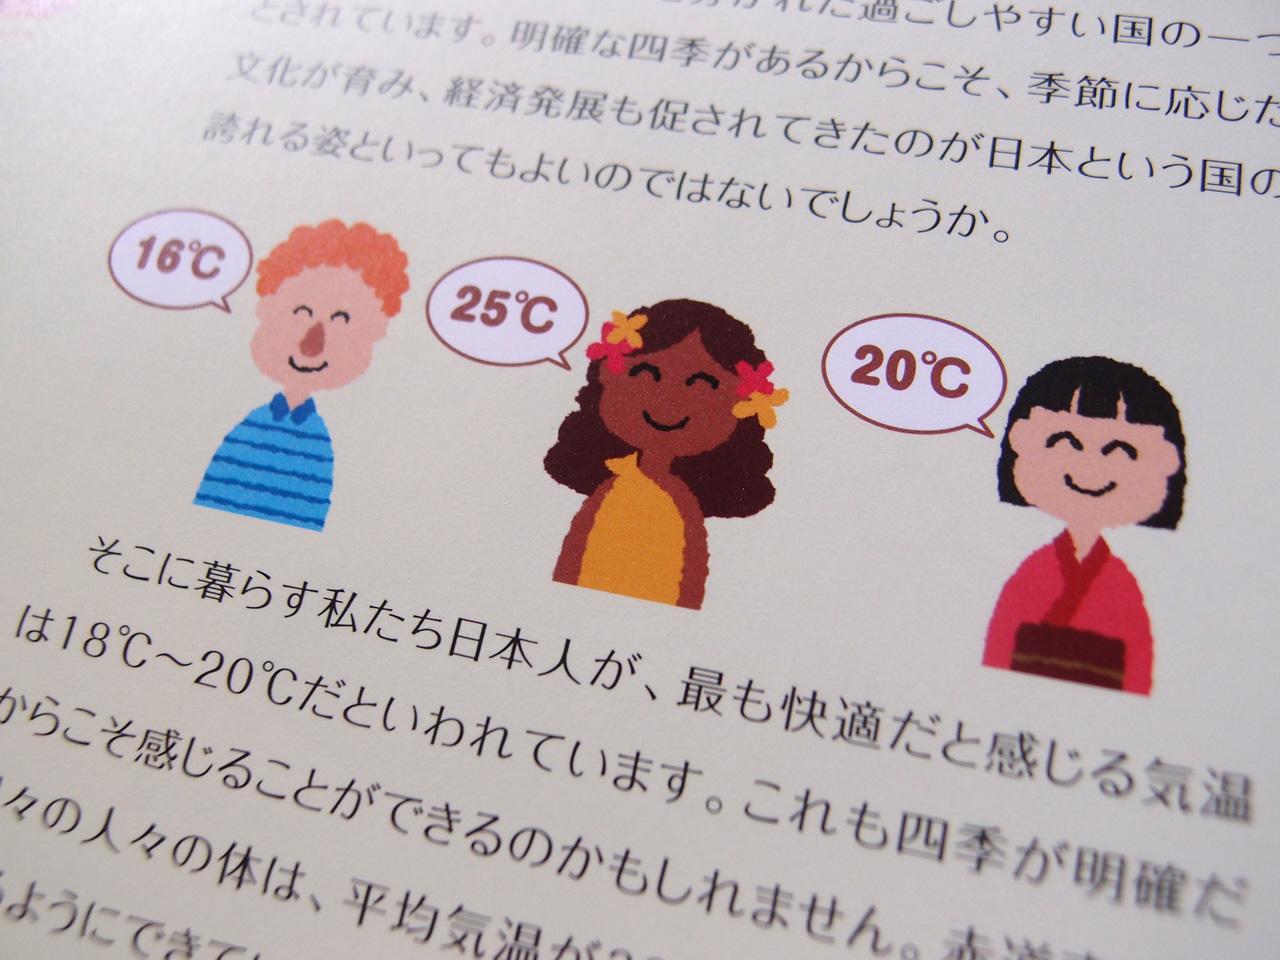 東芝キヤリアグループ様:環境報告書2008イラスト:快適温度